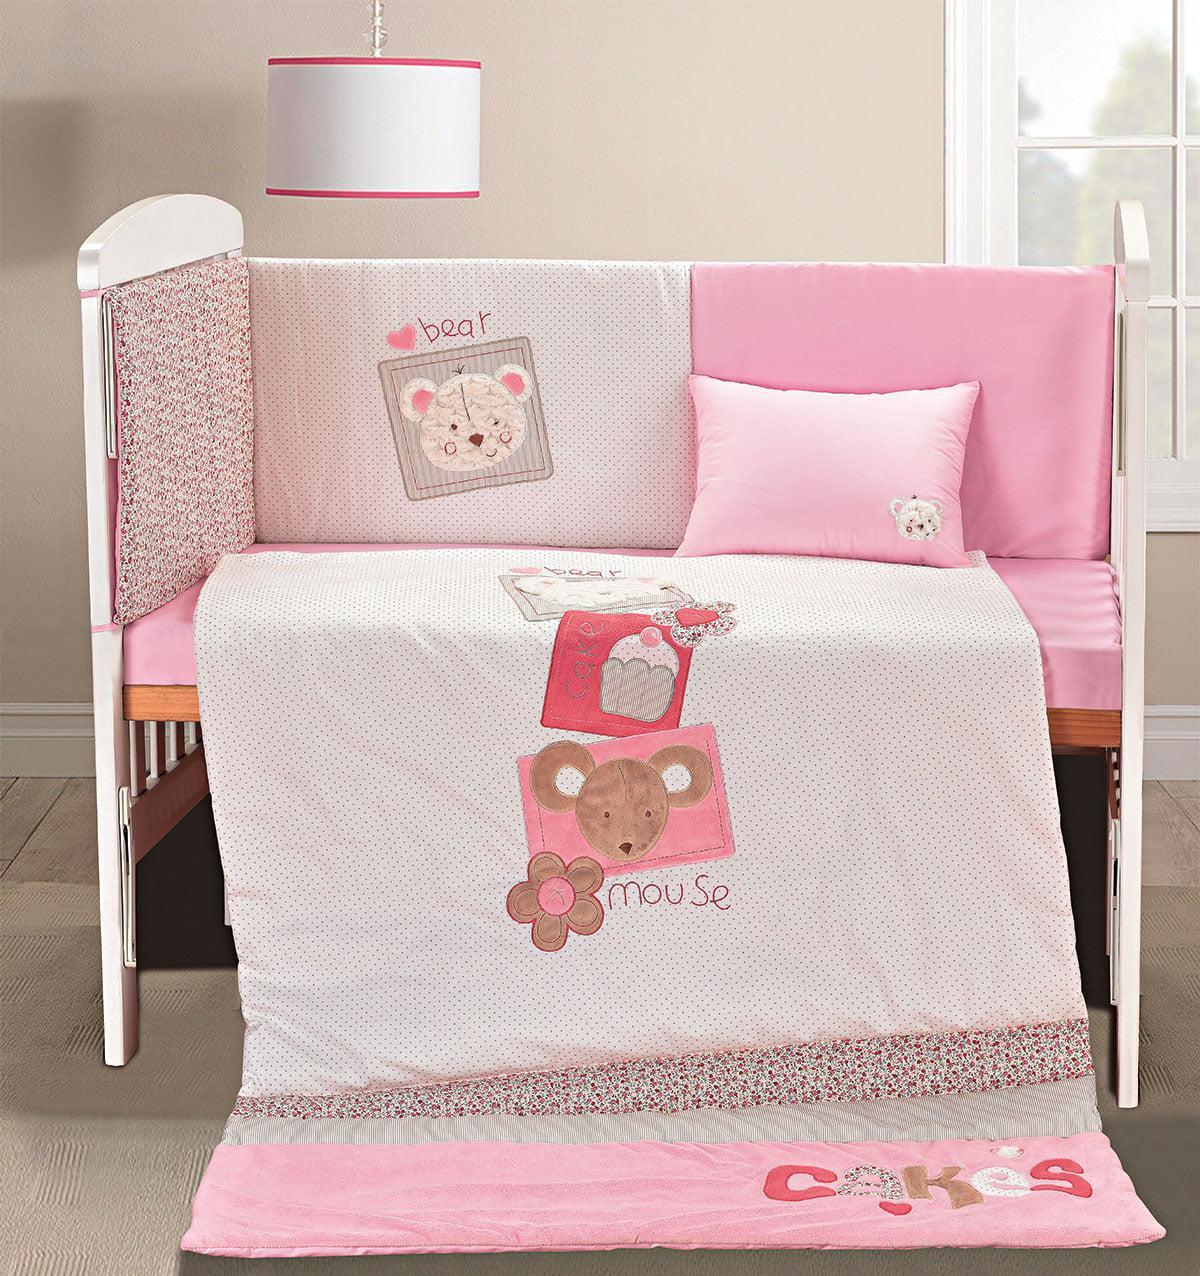 Σετ προίκας Pure thoughts Art 5104 Σετ 4τμχ Λευκό,Ροζ Beauty Home